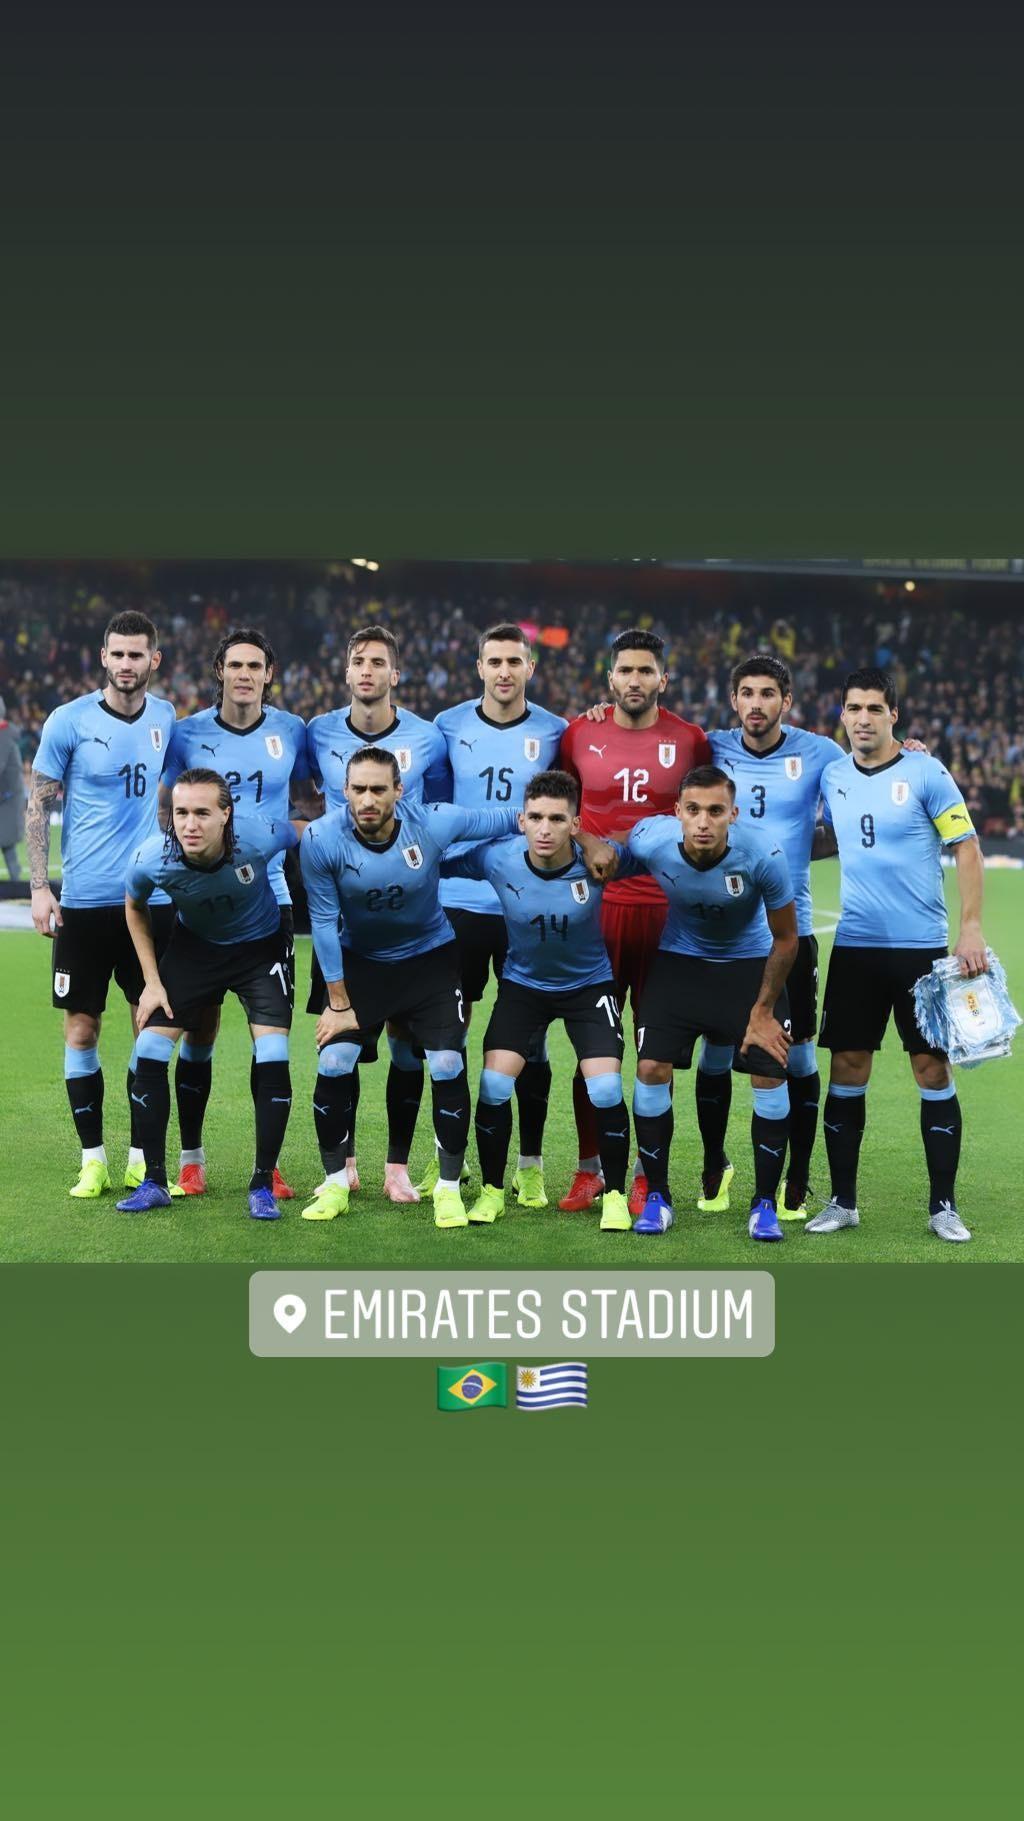 乌拉圭和巴拉圭足球_巴拉圭与乌拉圭足球_乌拉圭足球明星